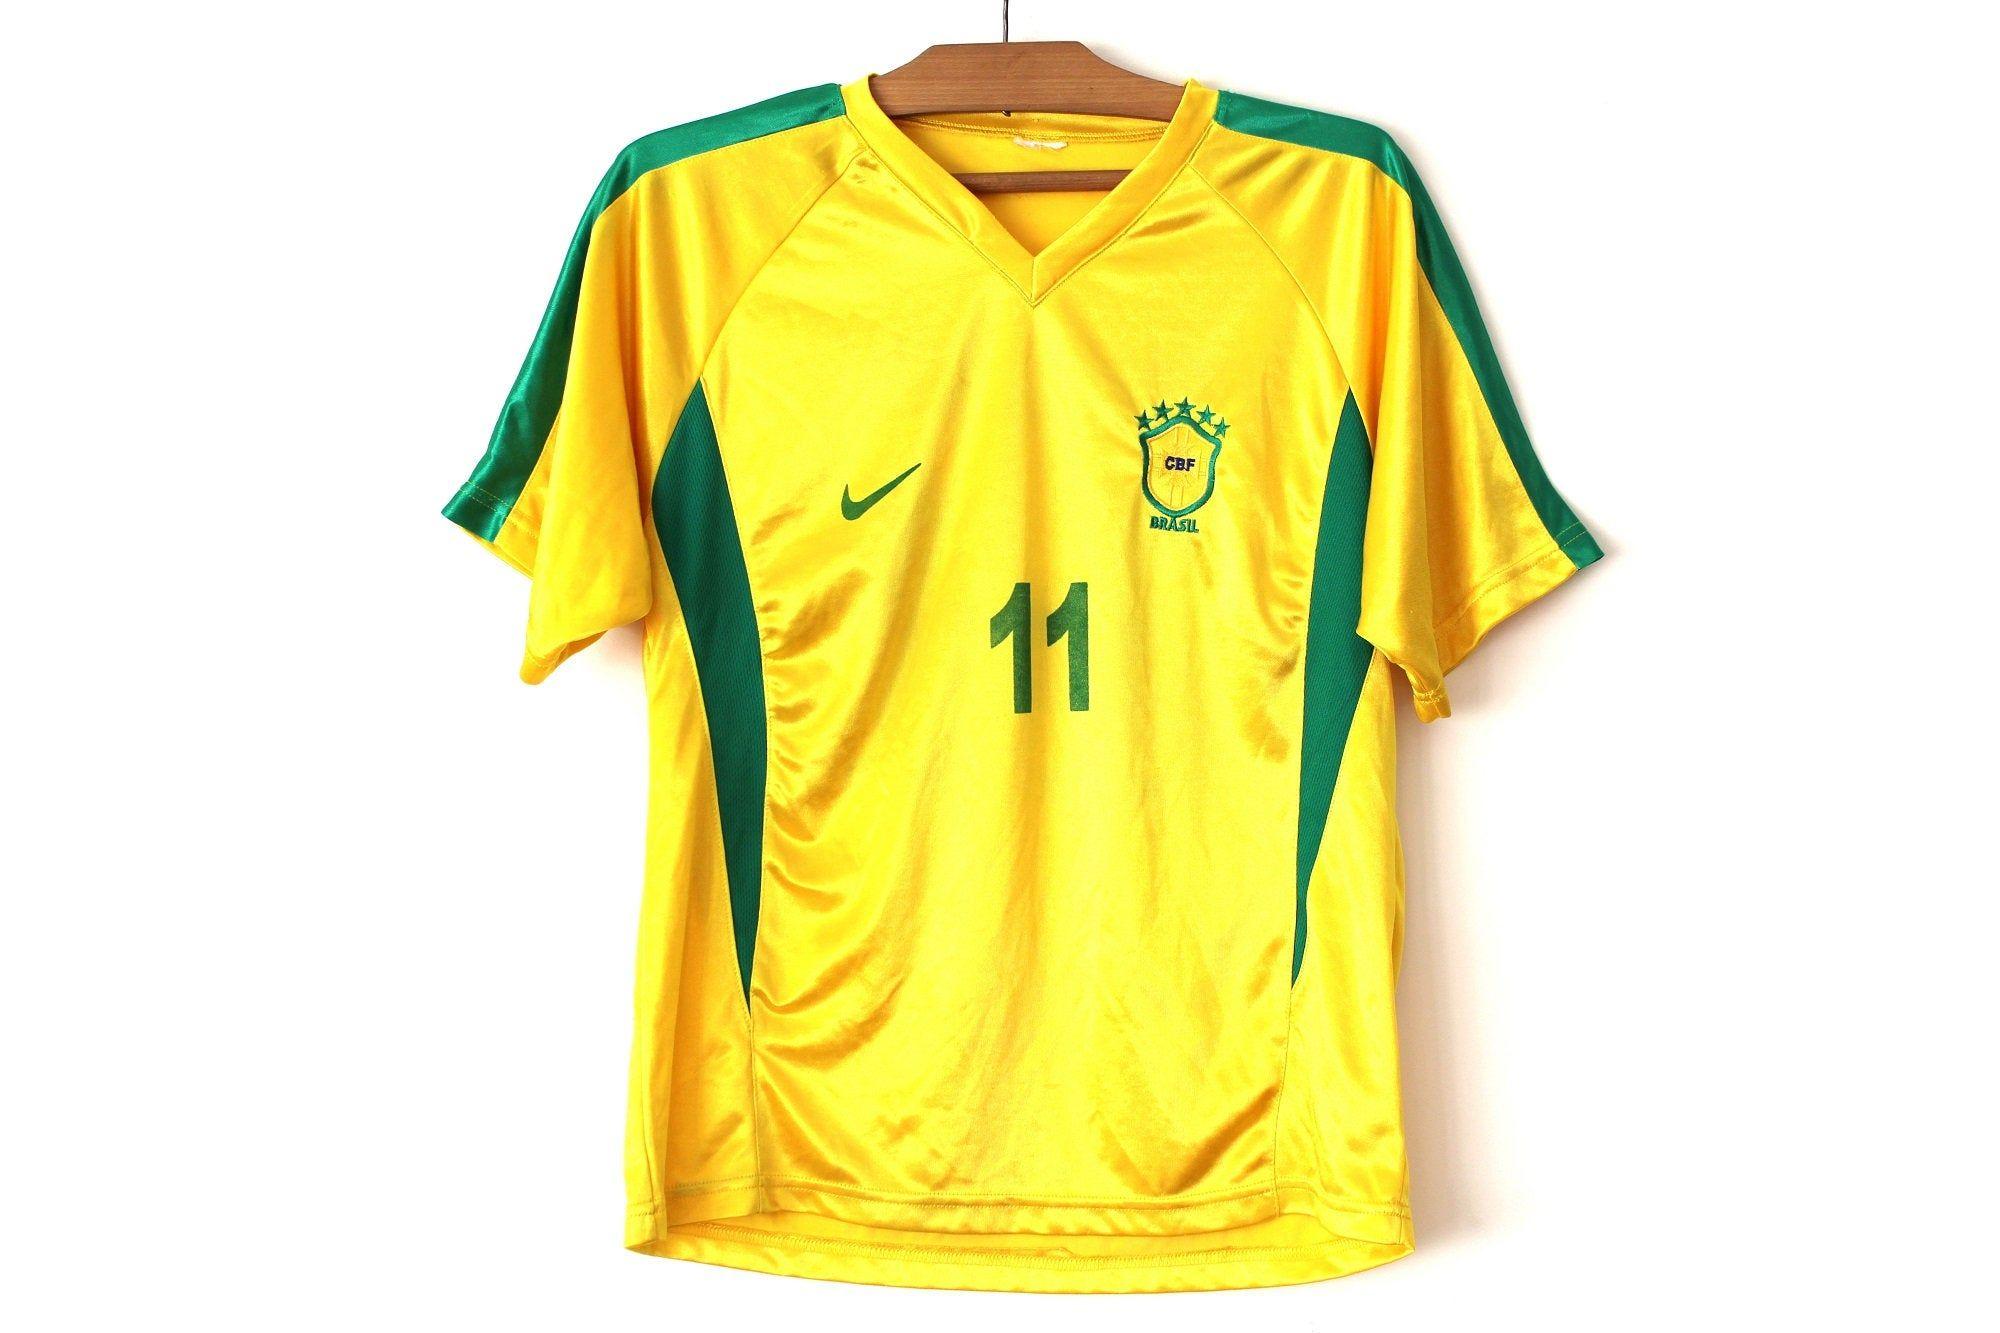 Vintage Nike Brasil Football Shirt, Yellow Green Jersey